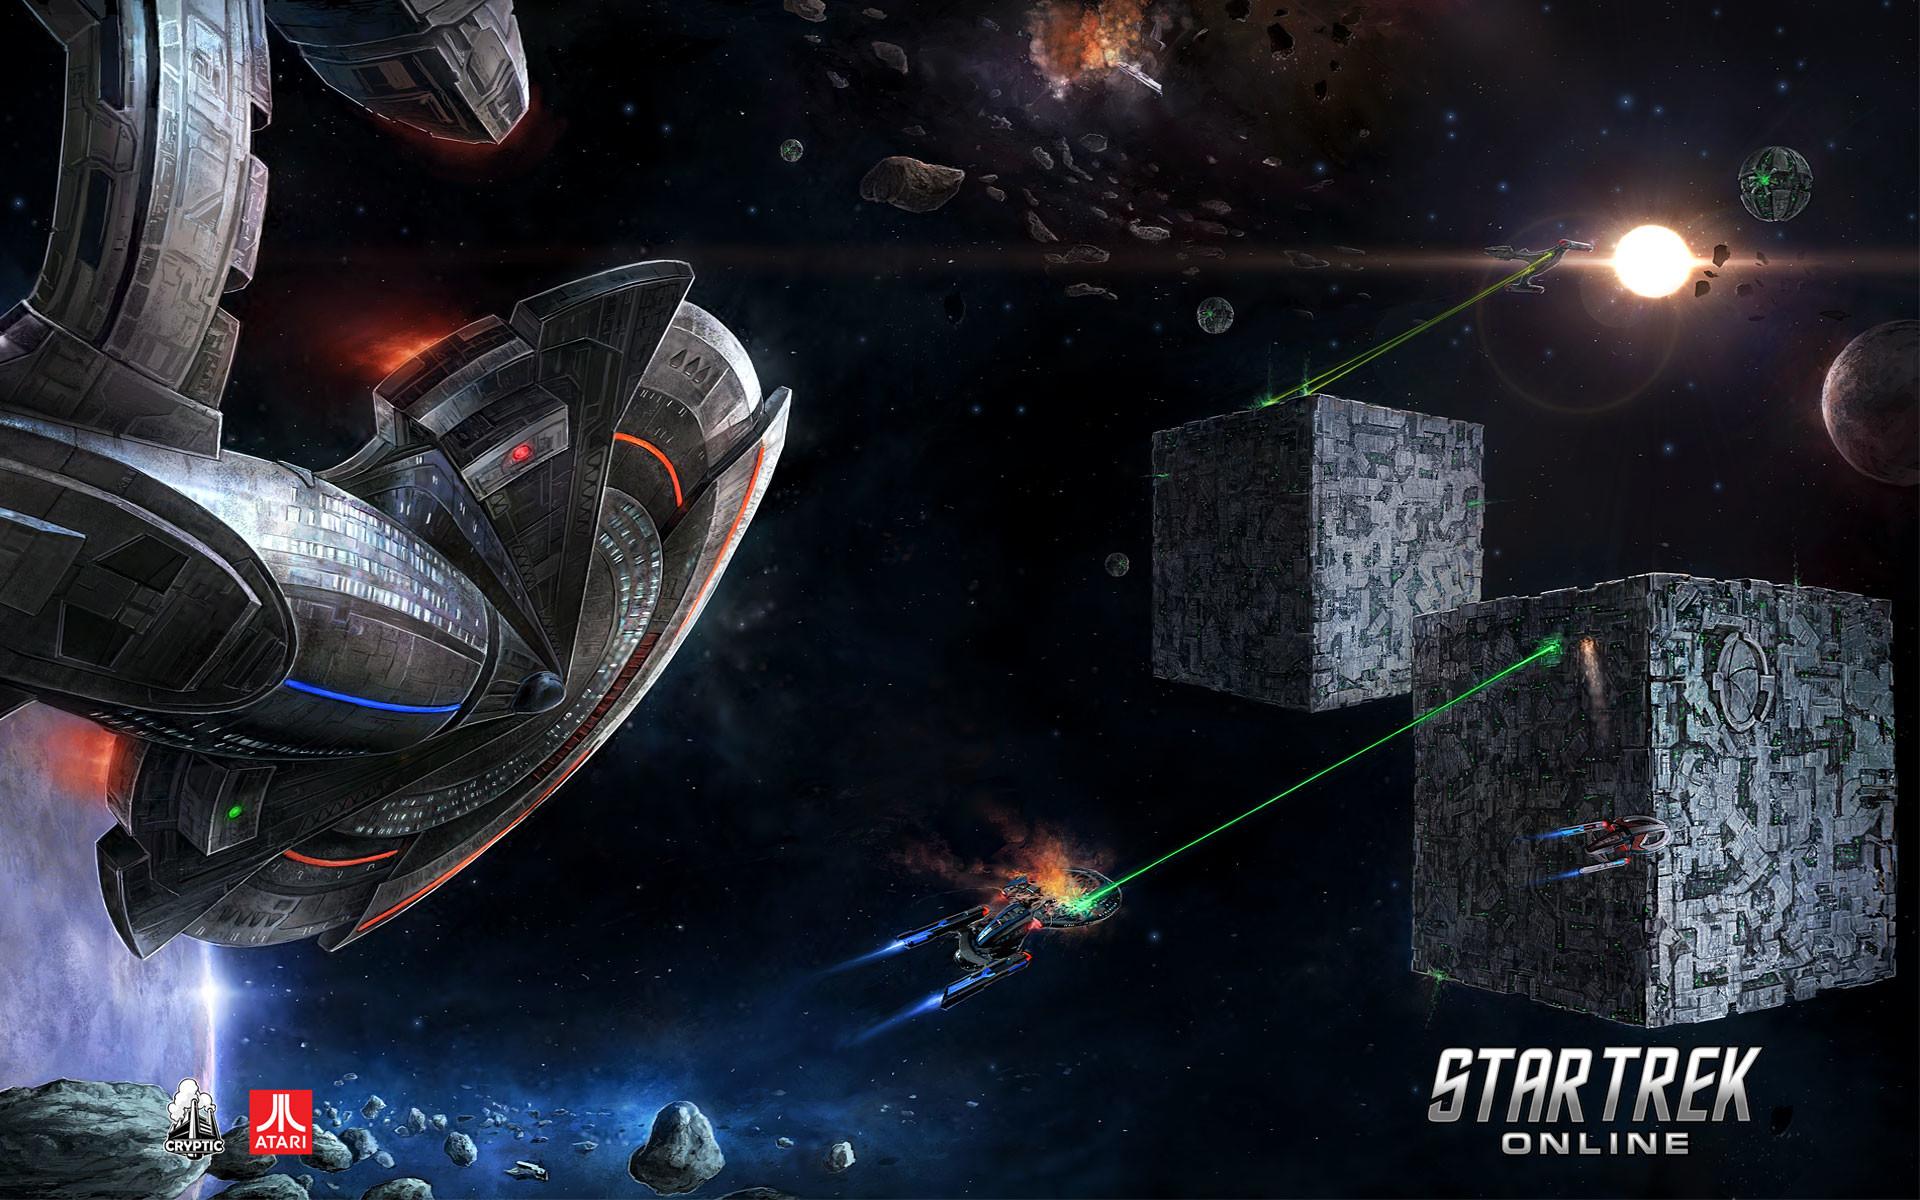 Star Trek Online – Free Desktop Star Trek Online Wallpapers collection for  your desktop